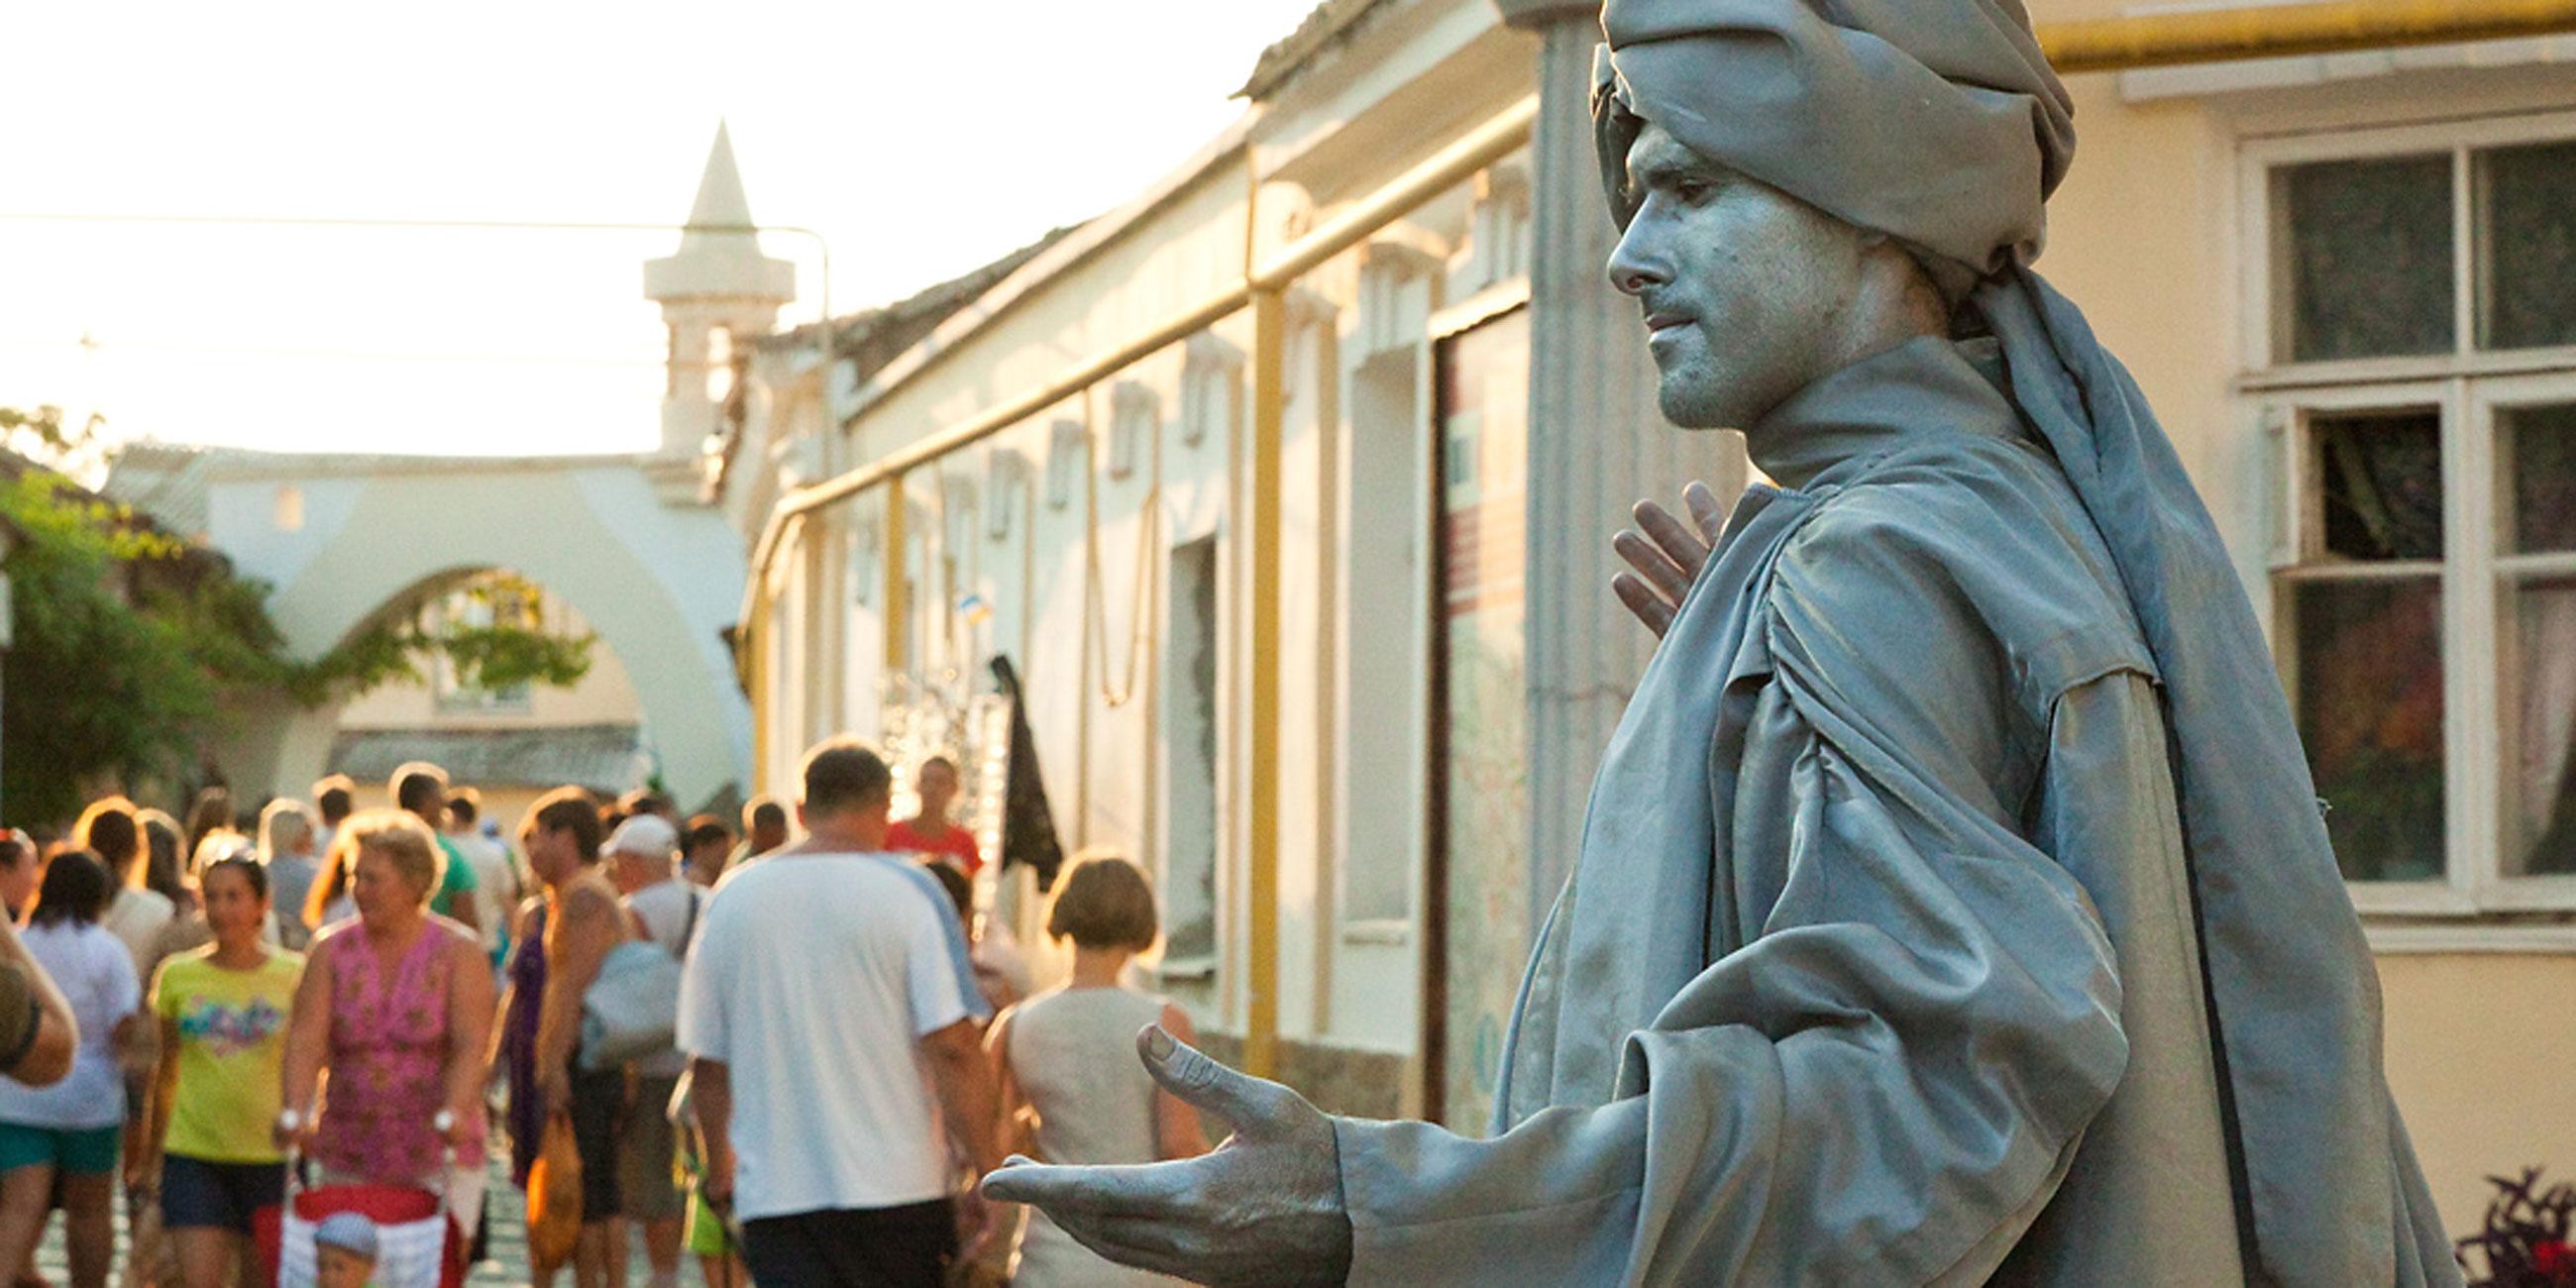 Живые скульптуры придают улицам древнего города особый колоритФото: Елена Покрепа